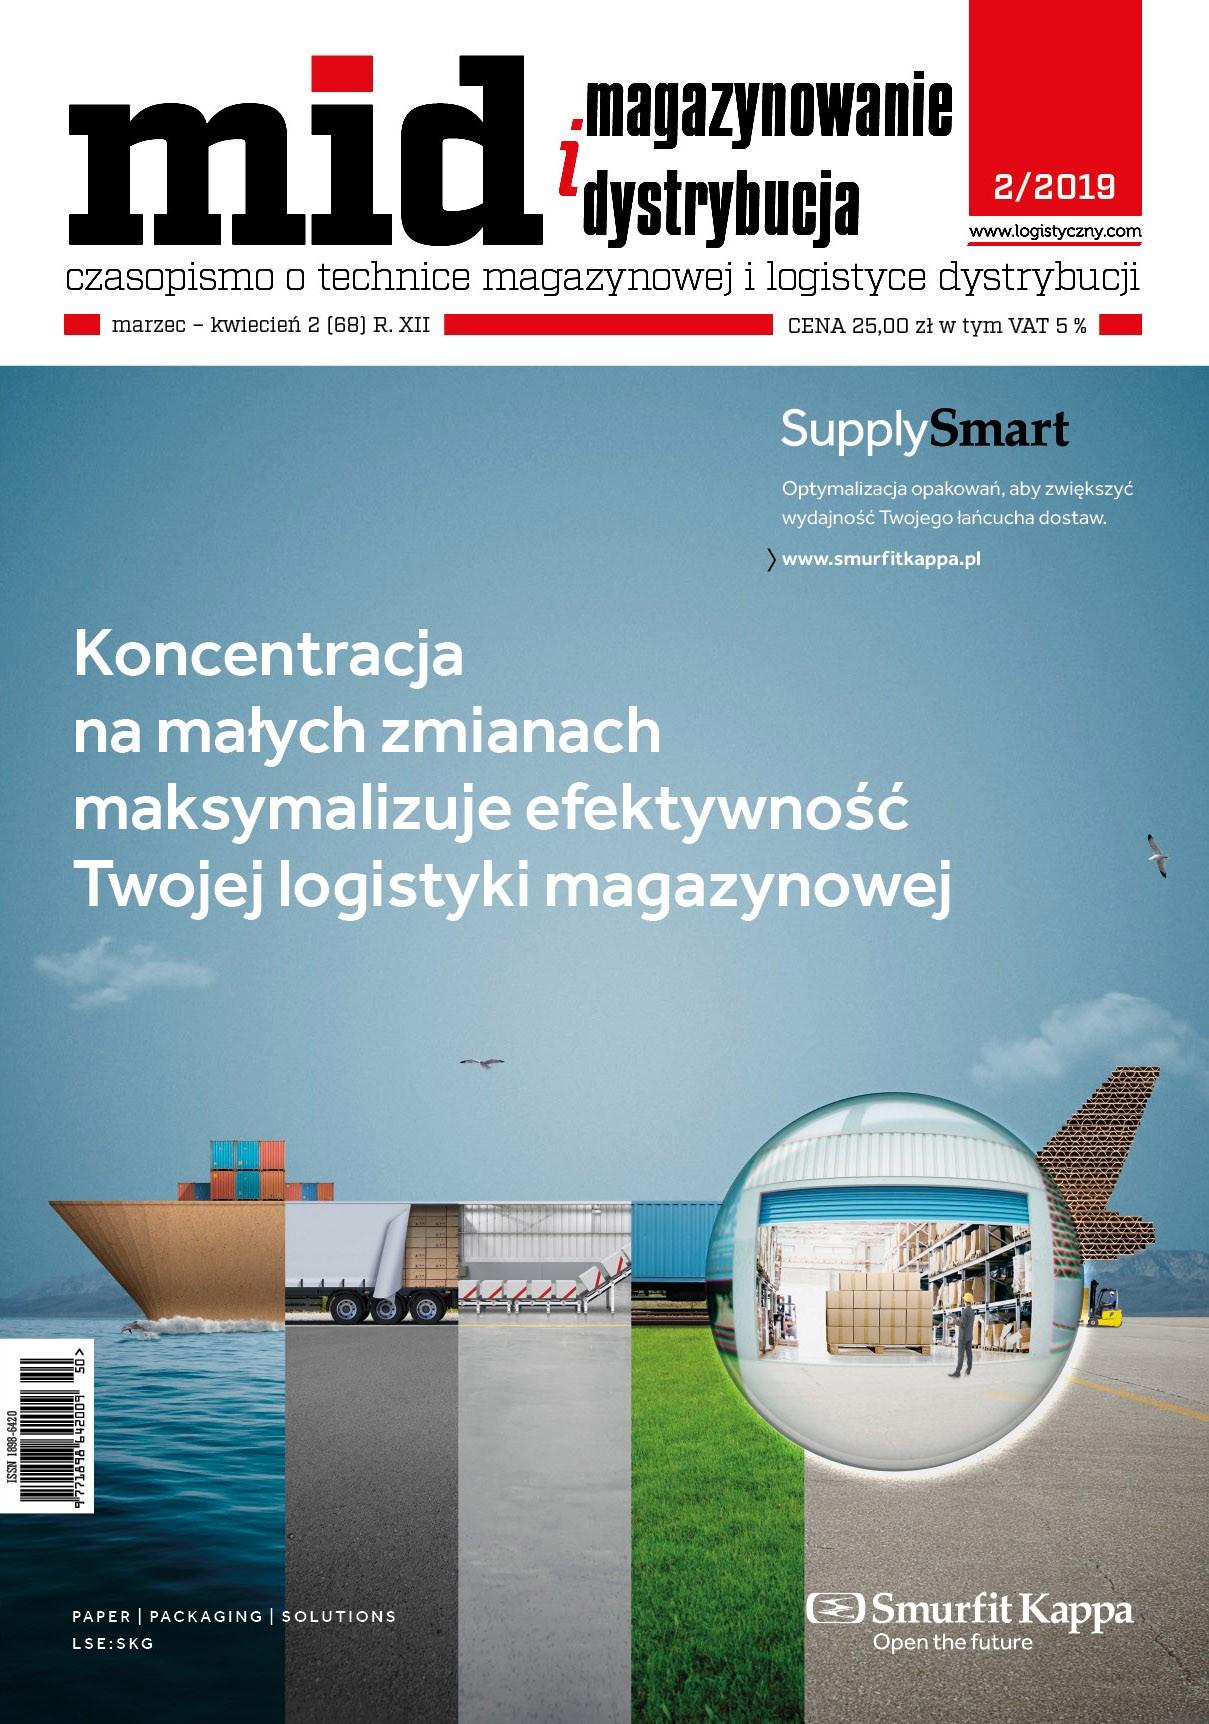 Magazynowanie i Dystrybucja 2/2019-e-wydanie